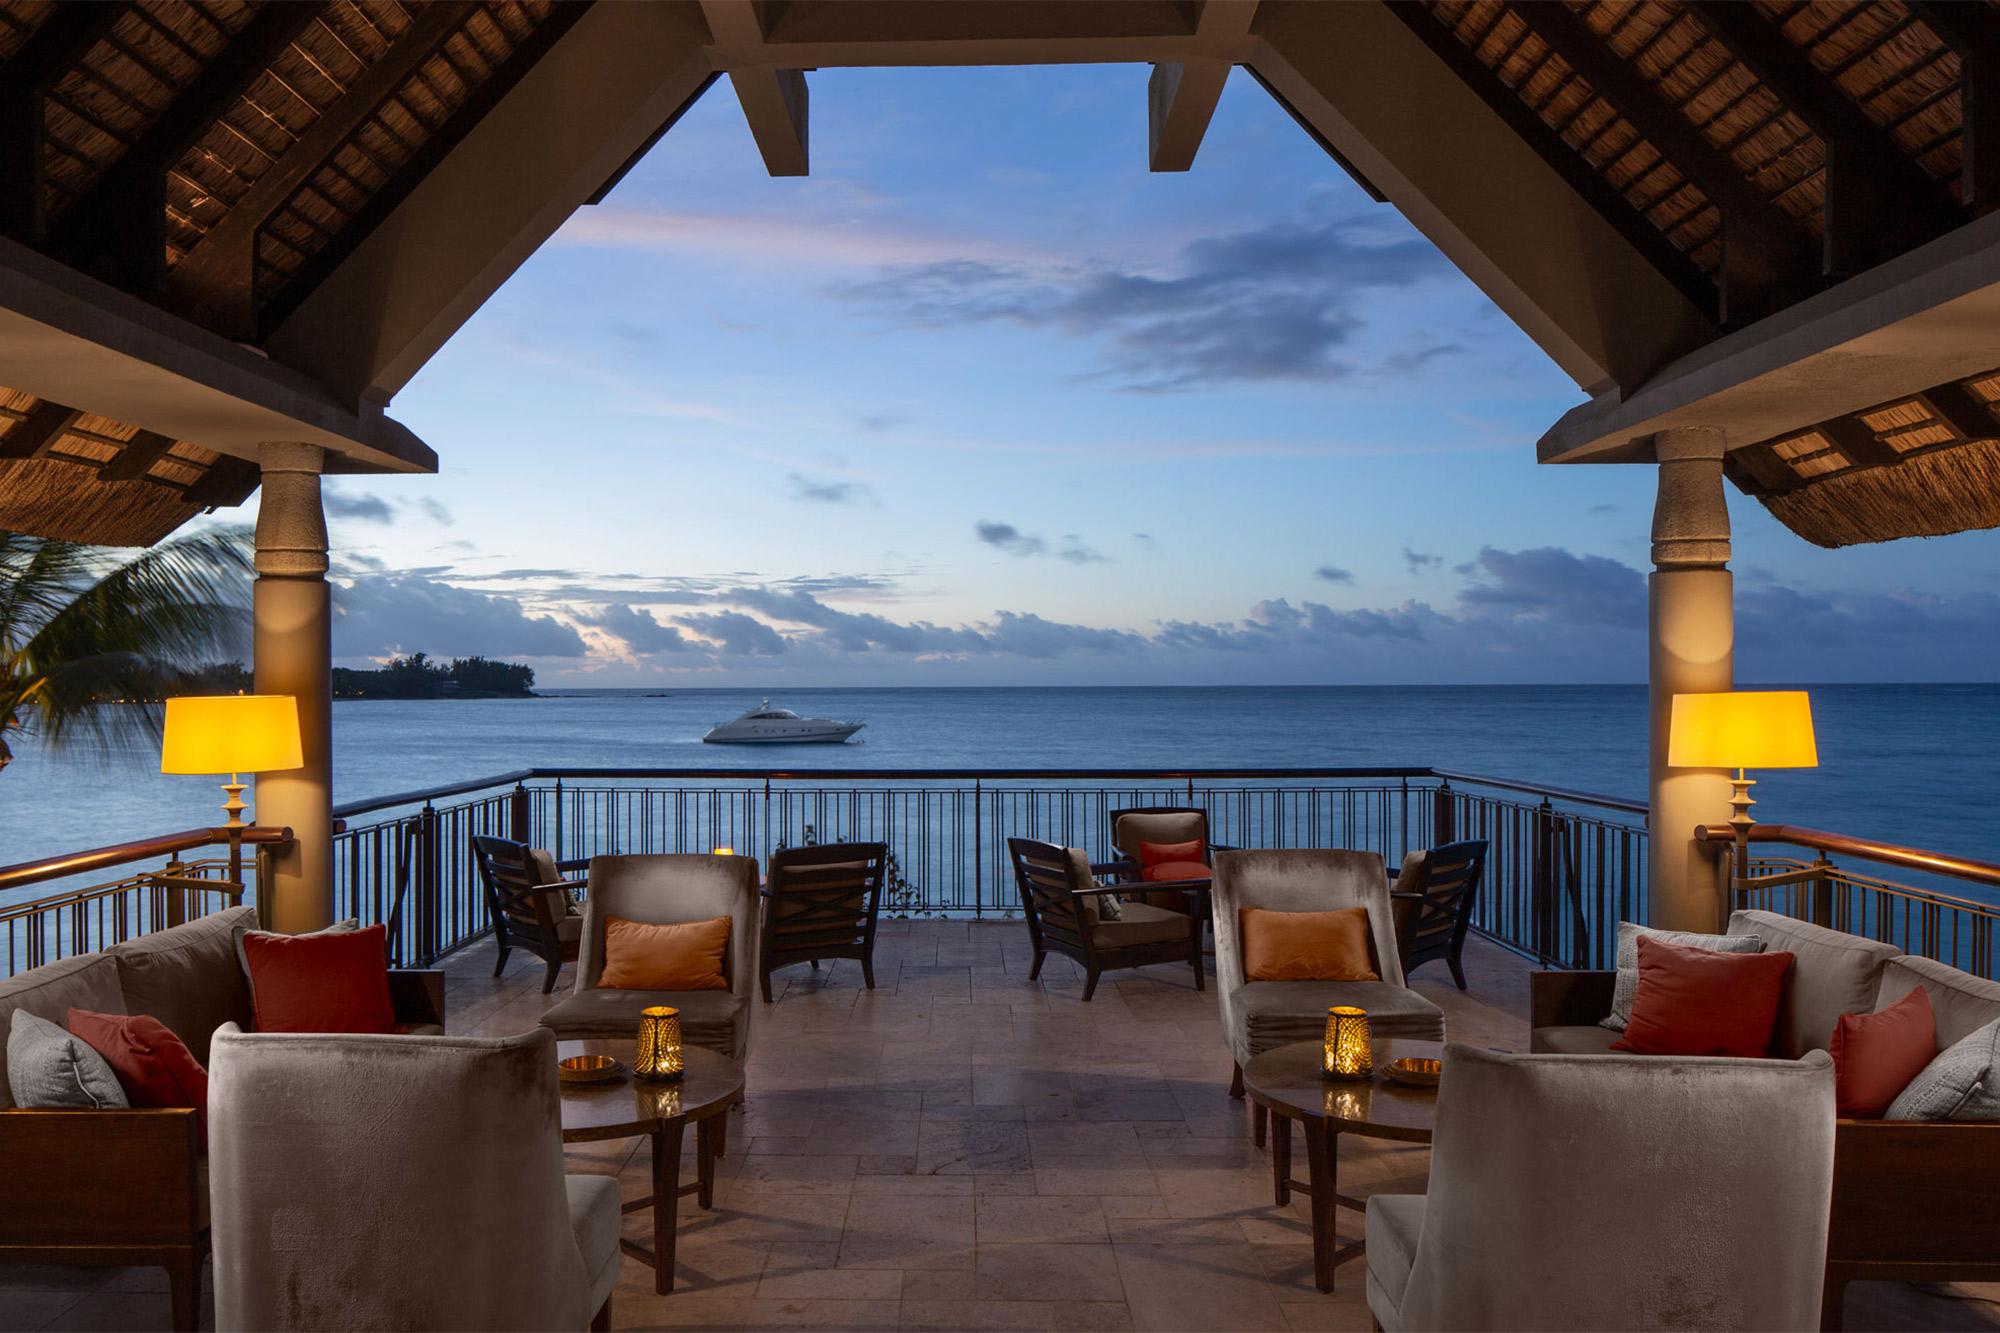 Luxus-bar-Beachcomber-Mauritius-hotel-resort-fotografie-Adrian-Kilchherr Schweiz Deutschland